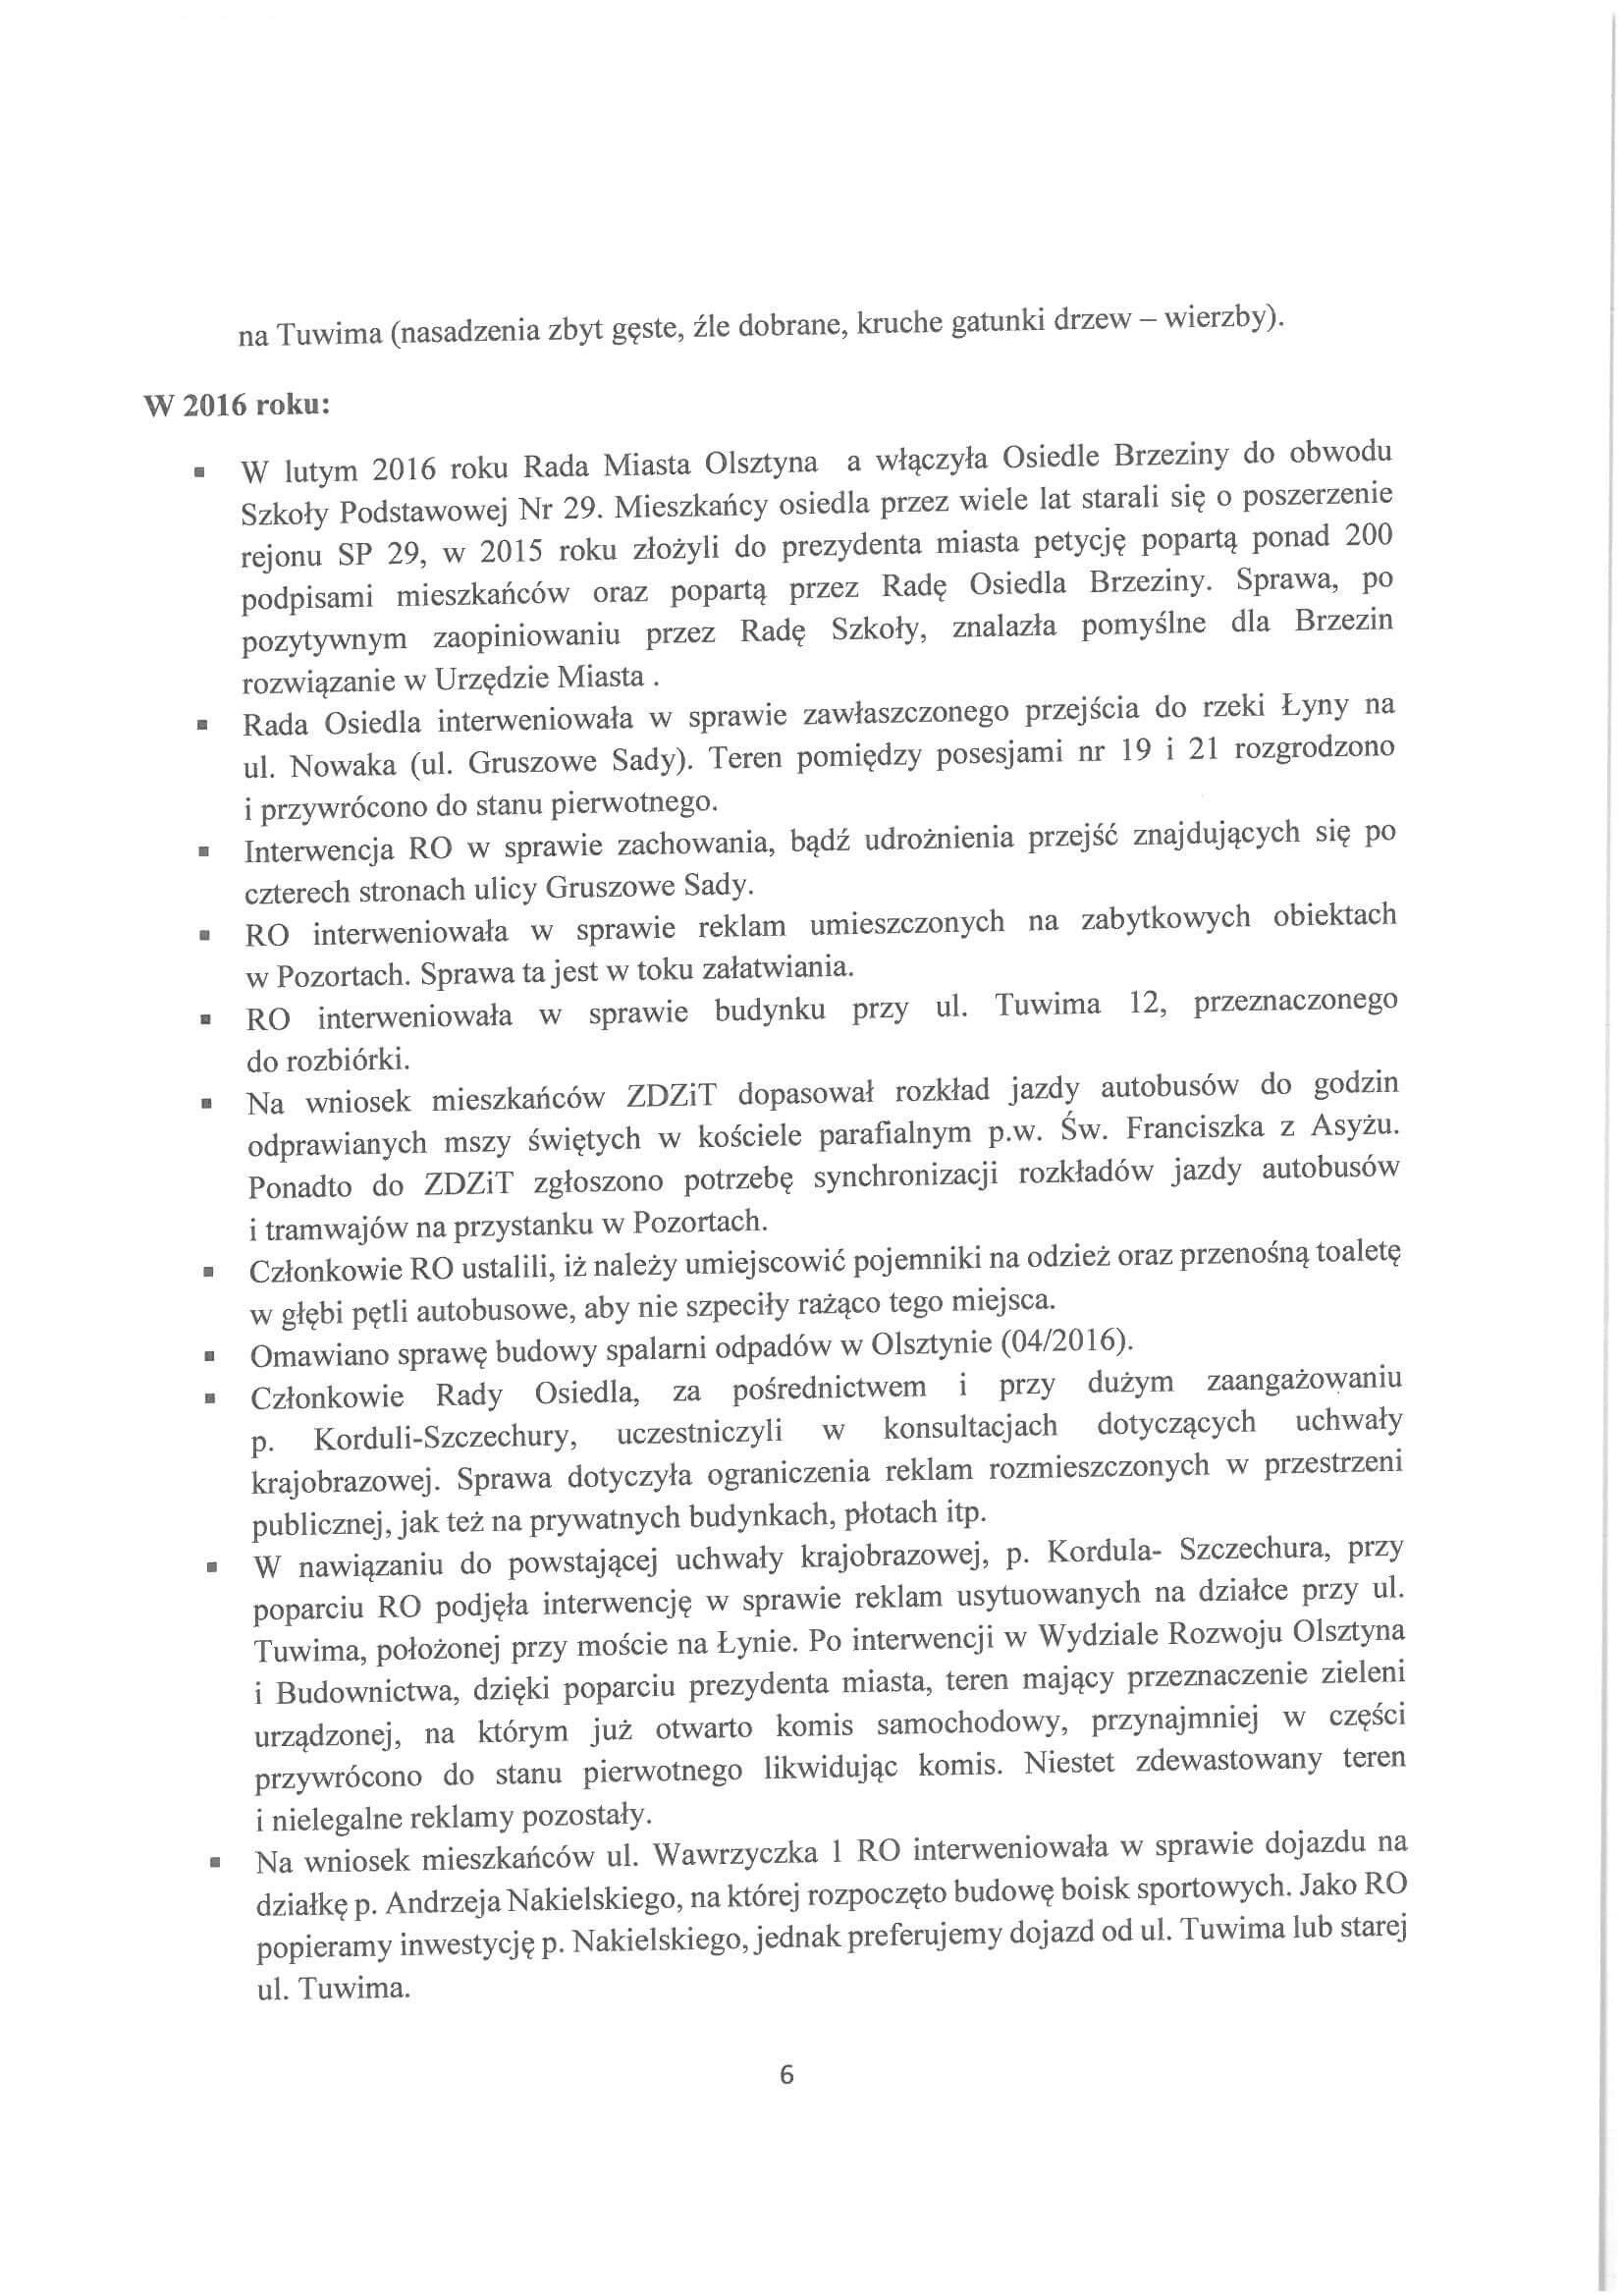 Sprawozdanie z działalności RO w latach 2015-2019-06